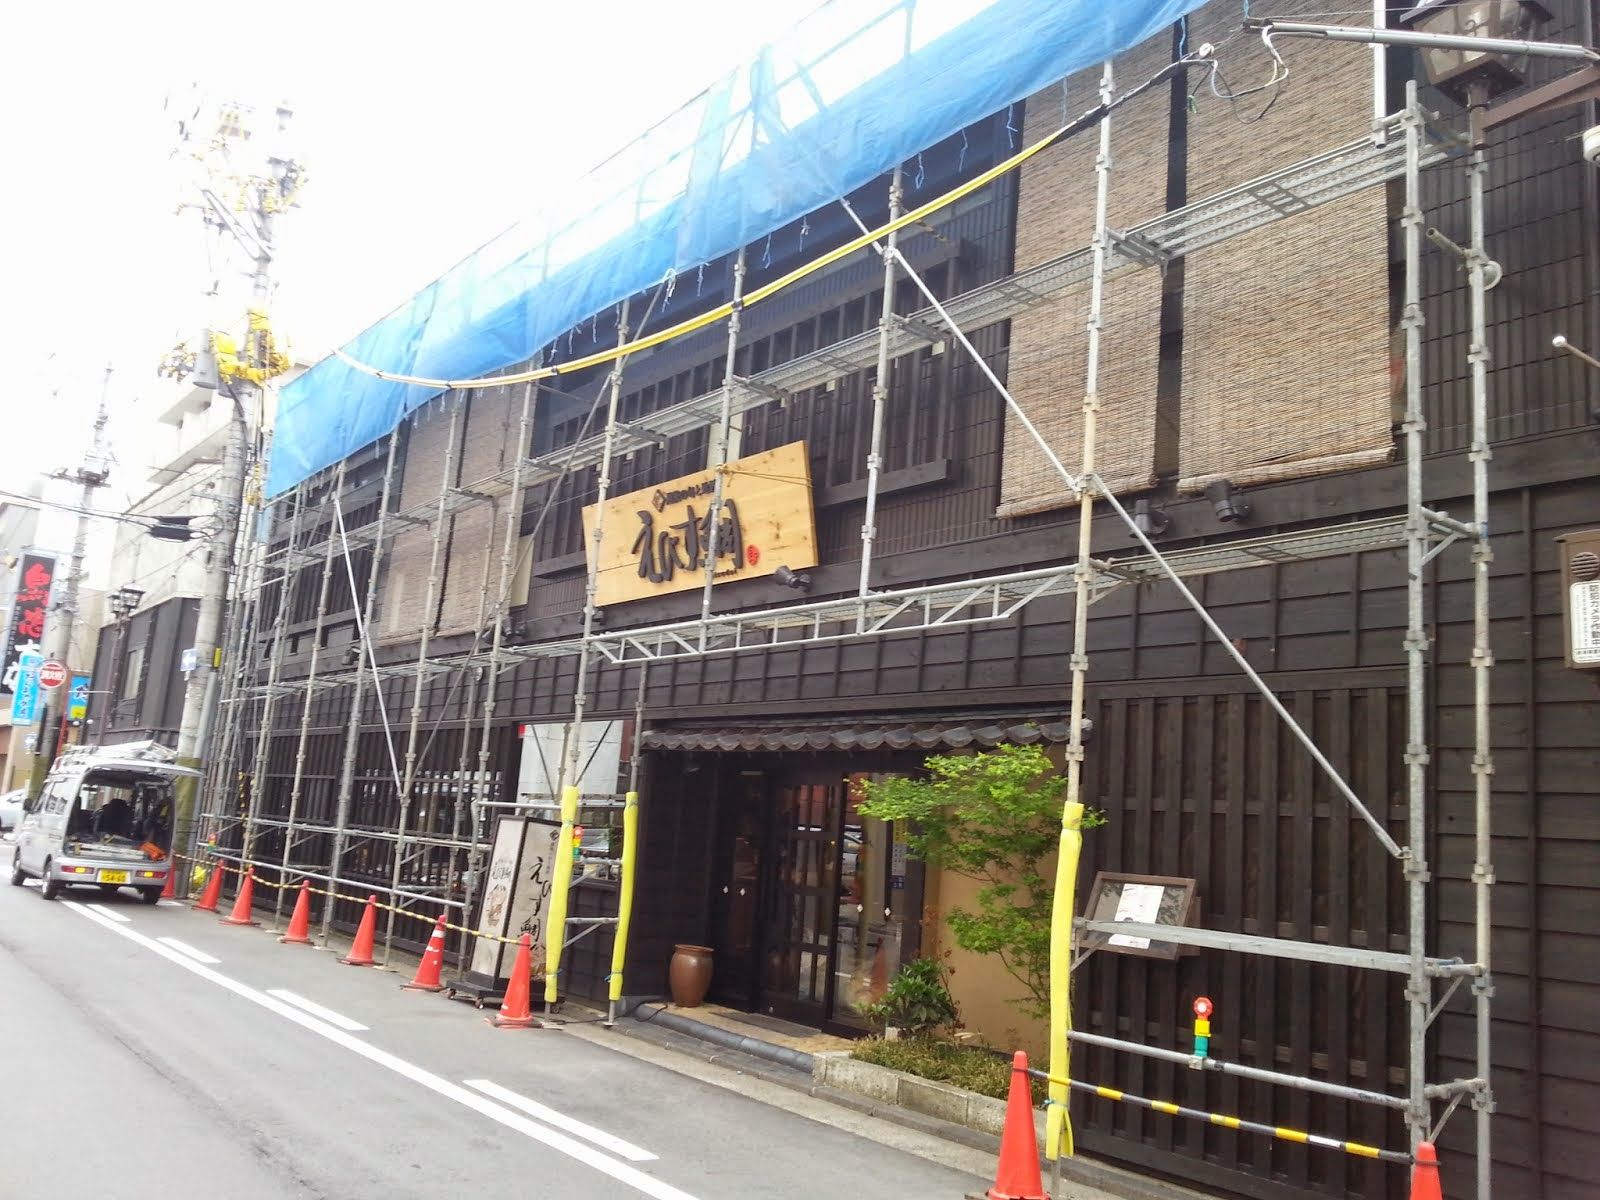 ブログ ブリキ日記 : 屋根カバー、新潟市中央区